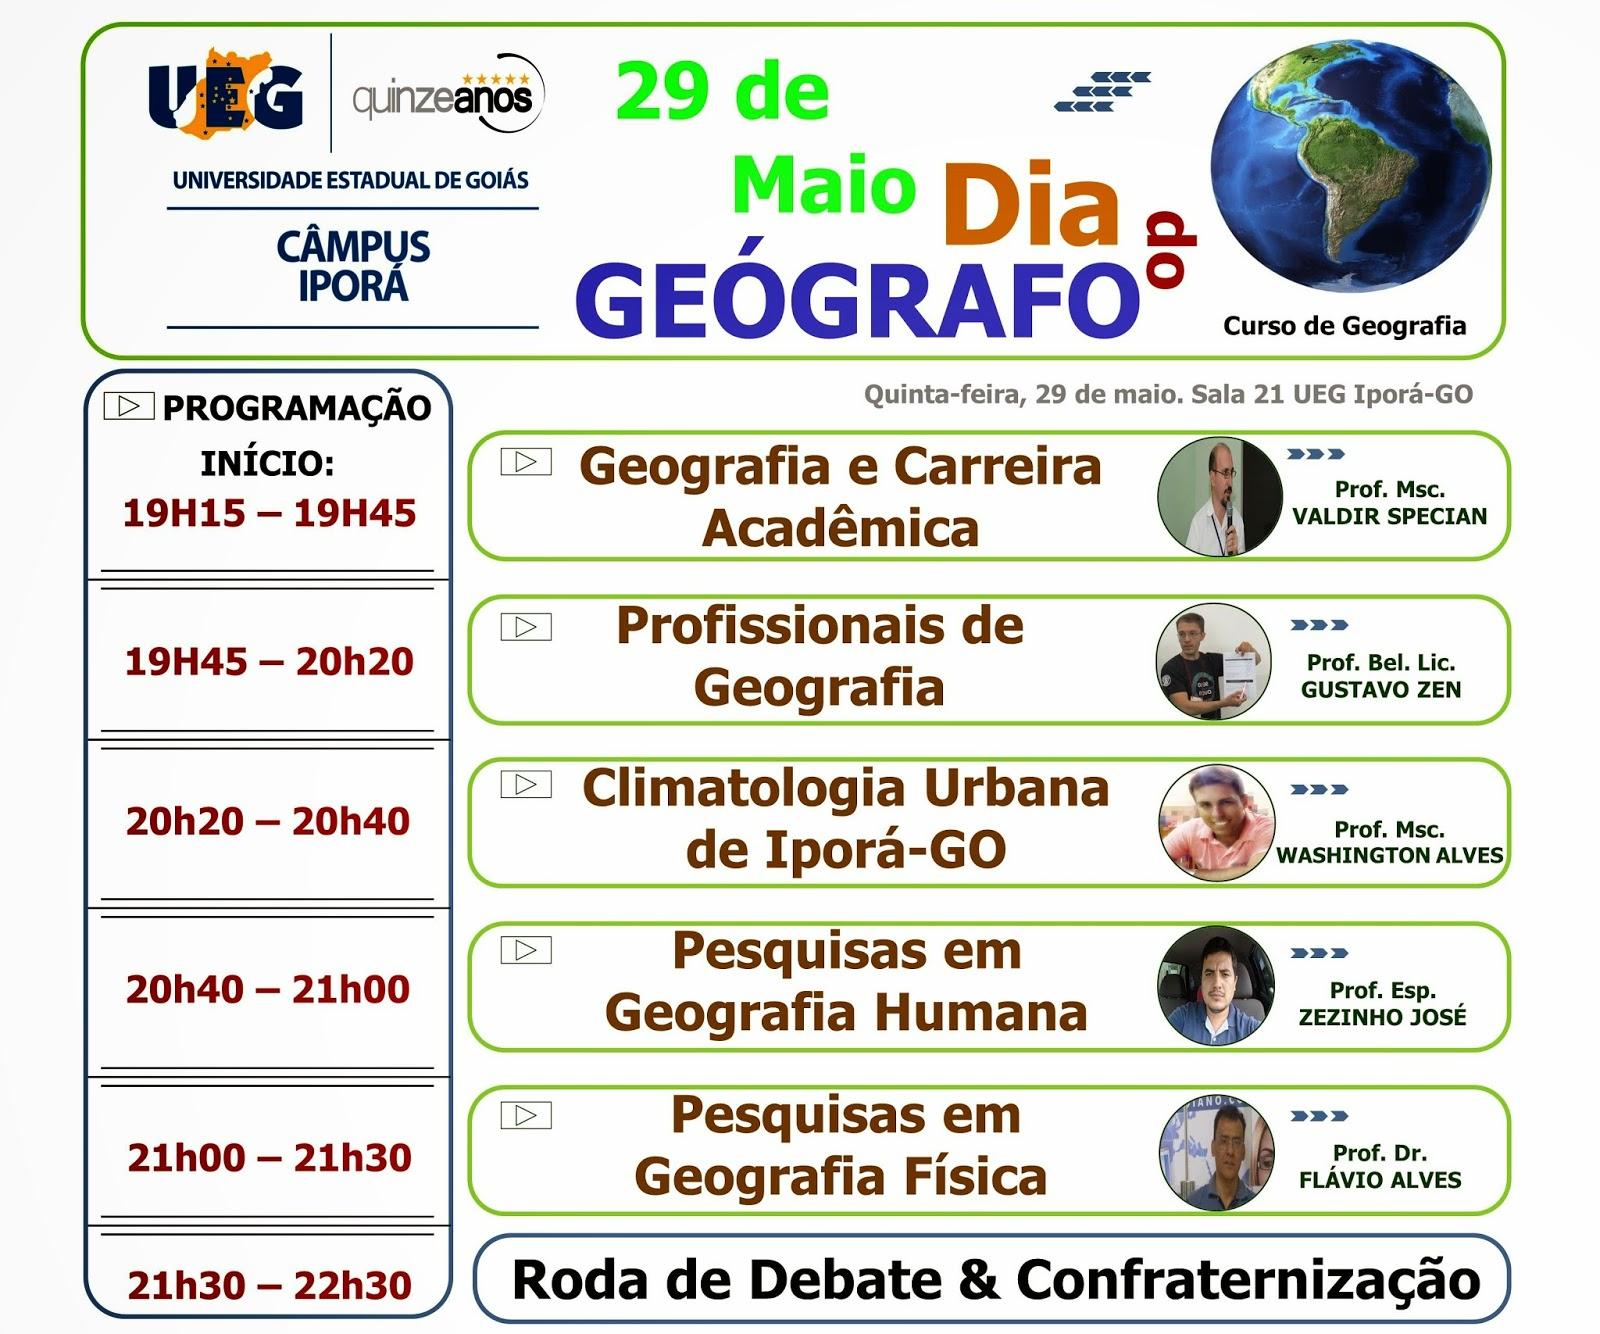 Geografia Iporá Professores Do Curso De Geografia Falam